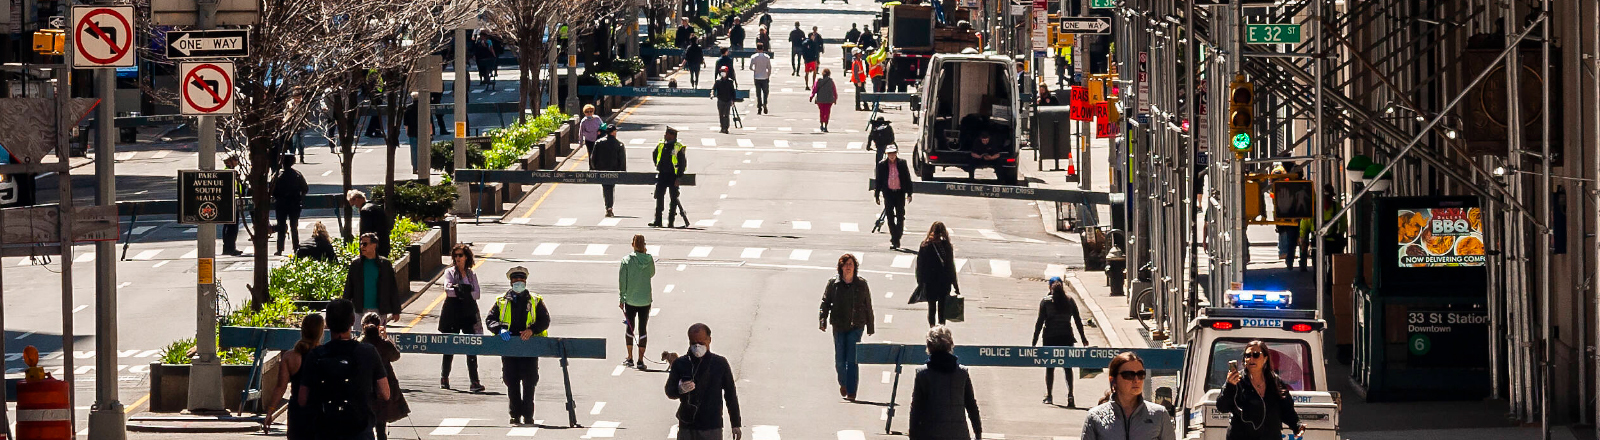 Straße in New York City, die für Fußgänger abgeriegelt wurde